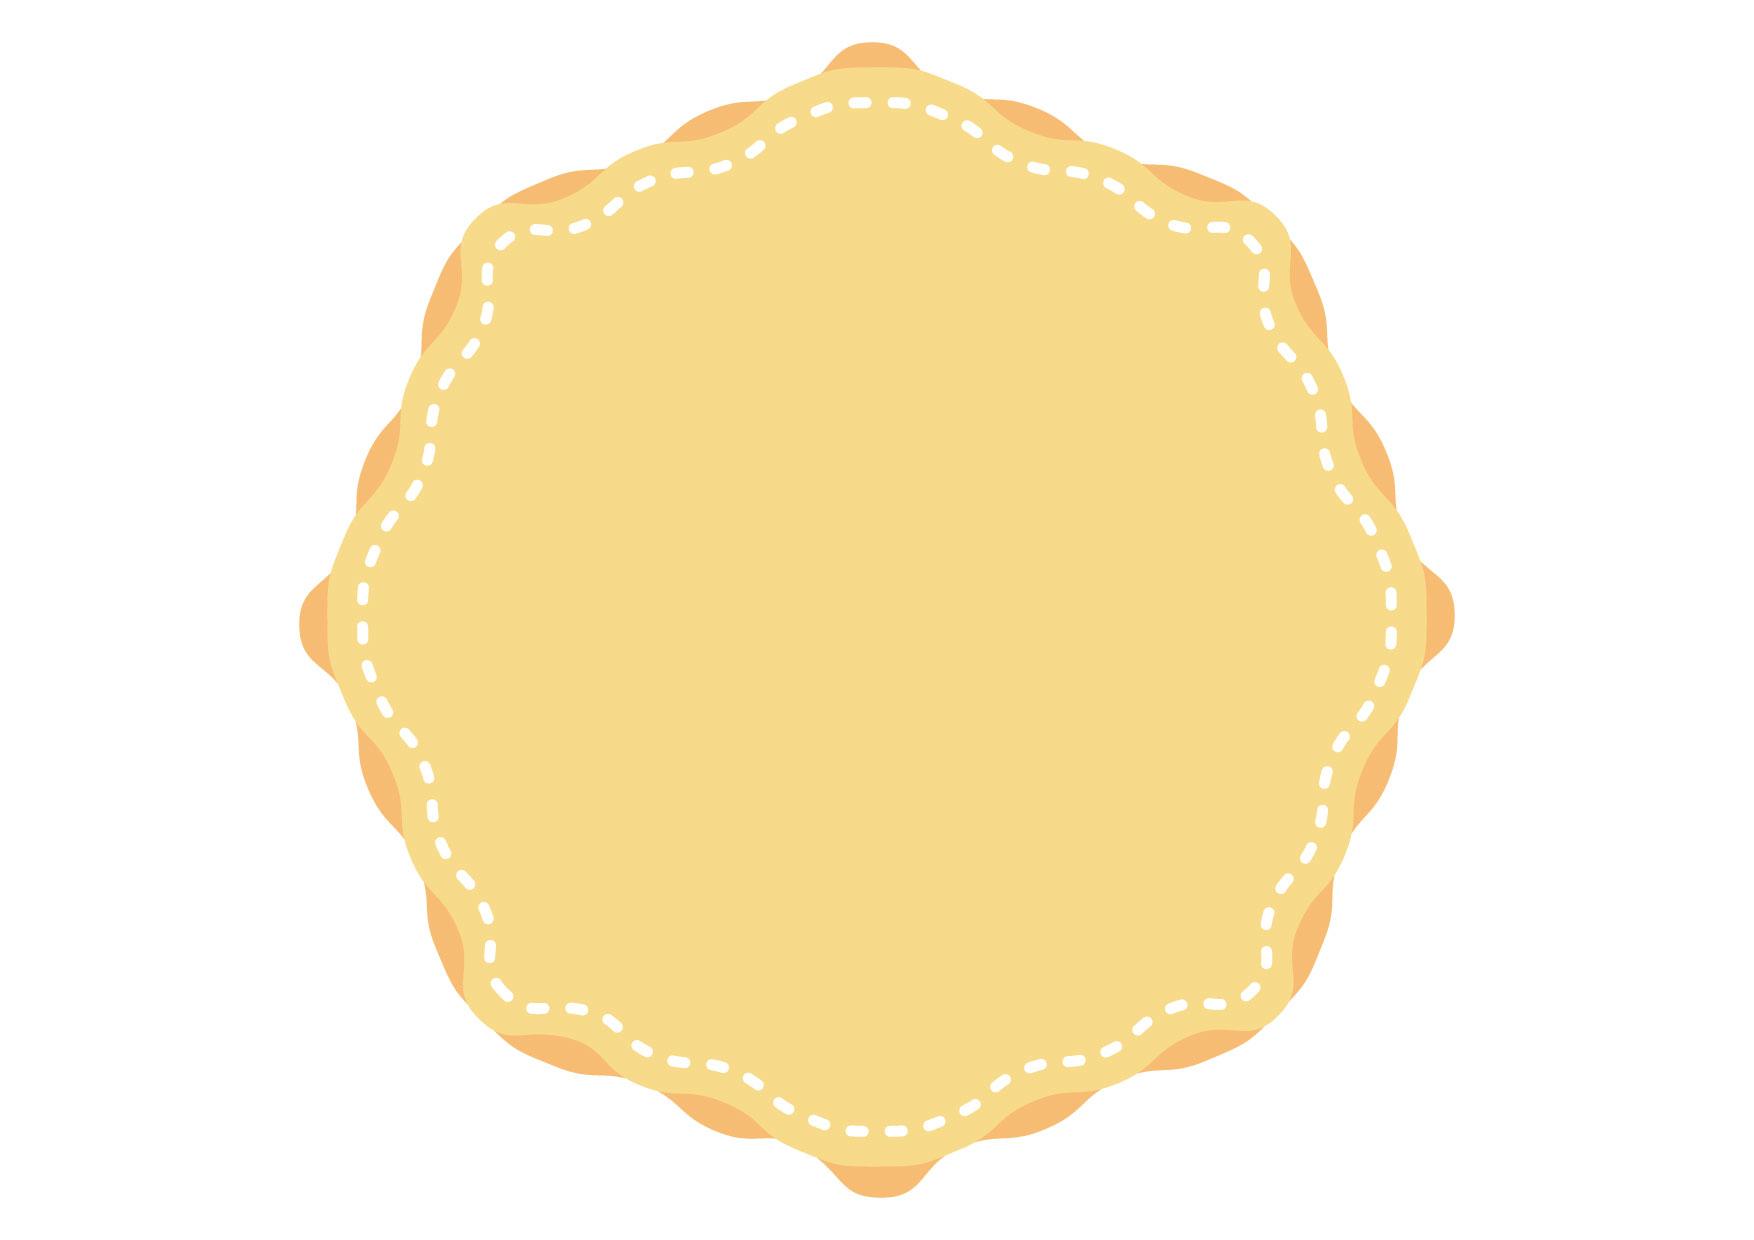 可愛いイラスト無料|フレーム 布 黄色 背景 − free illustration Frame cloth yellow background